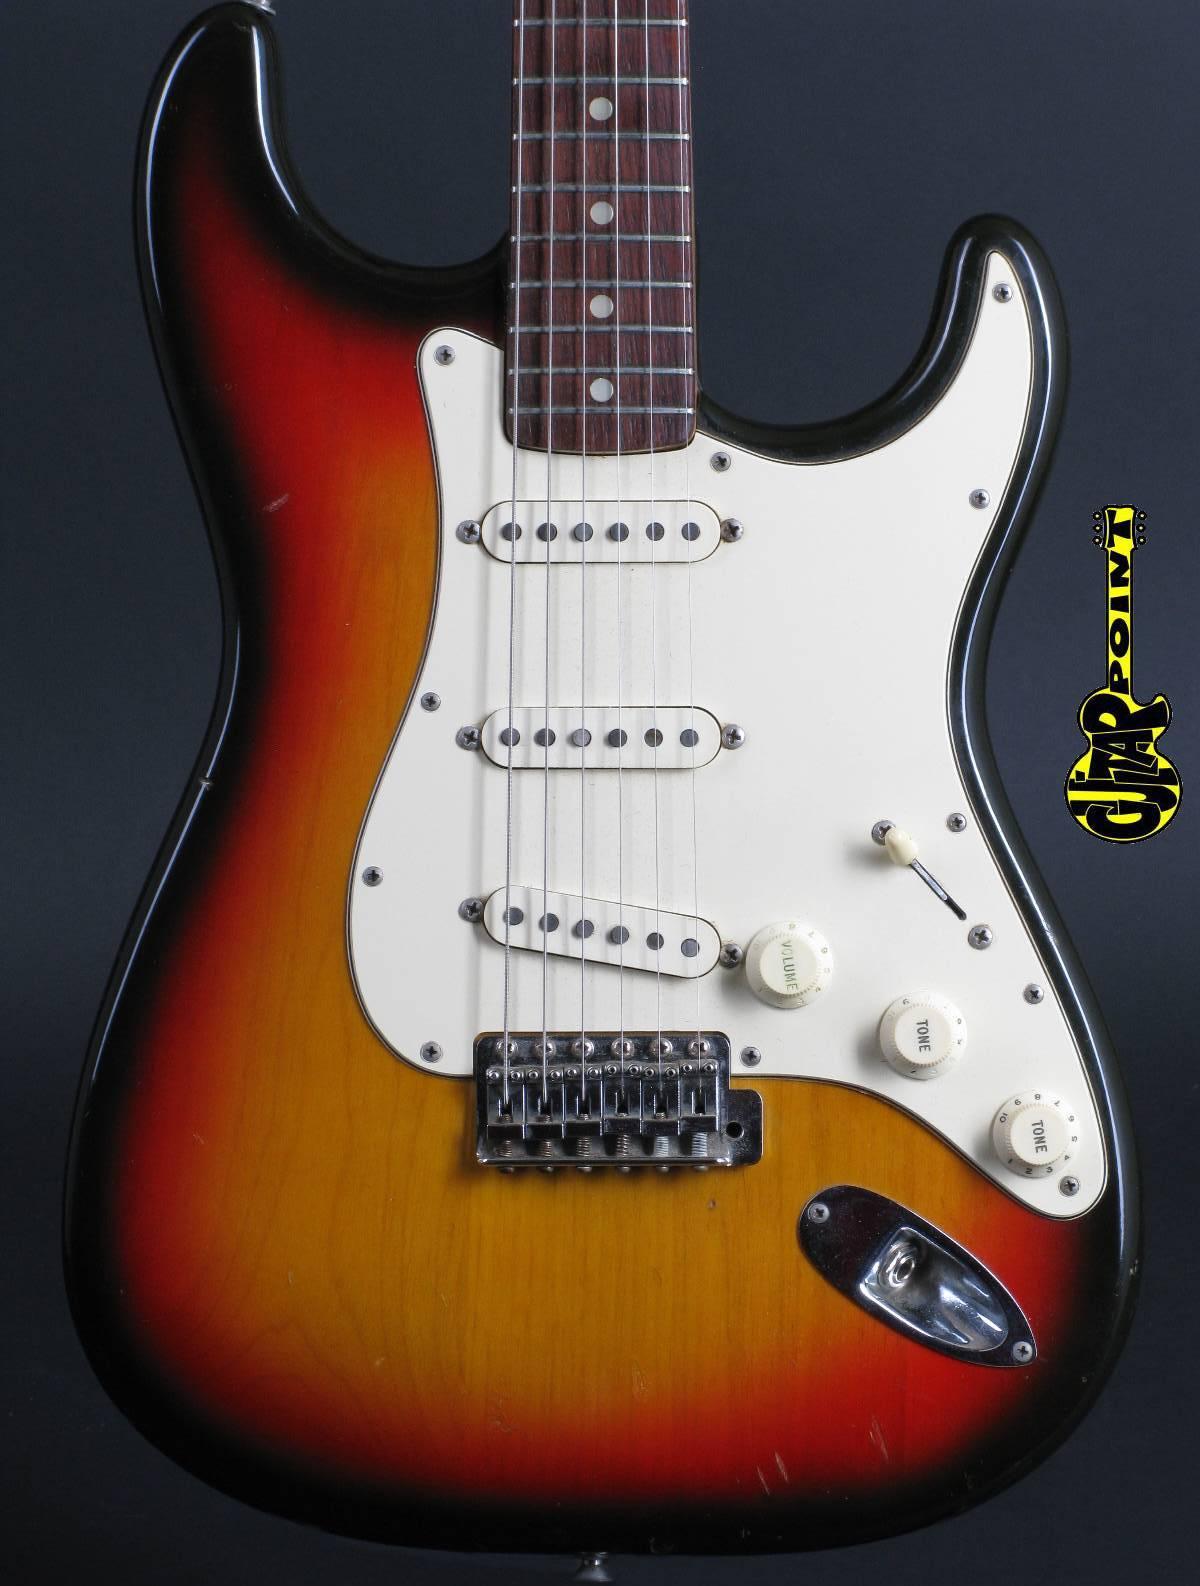 1972 Fender Stratocaster - 3-tone Sunburst